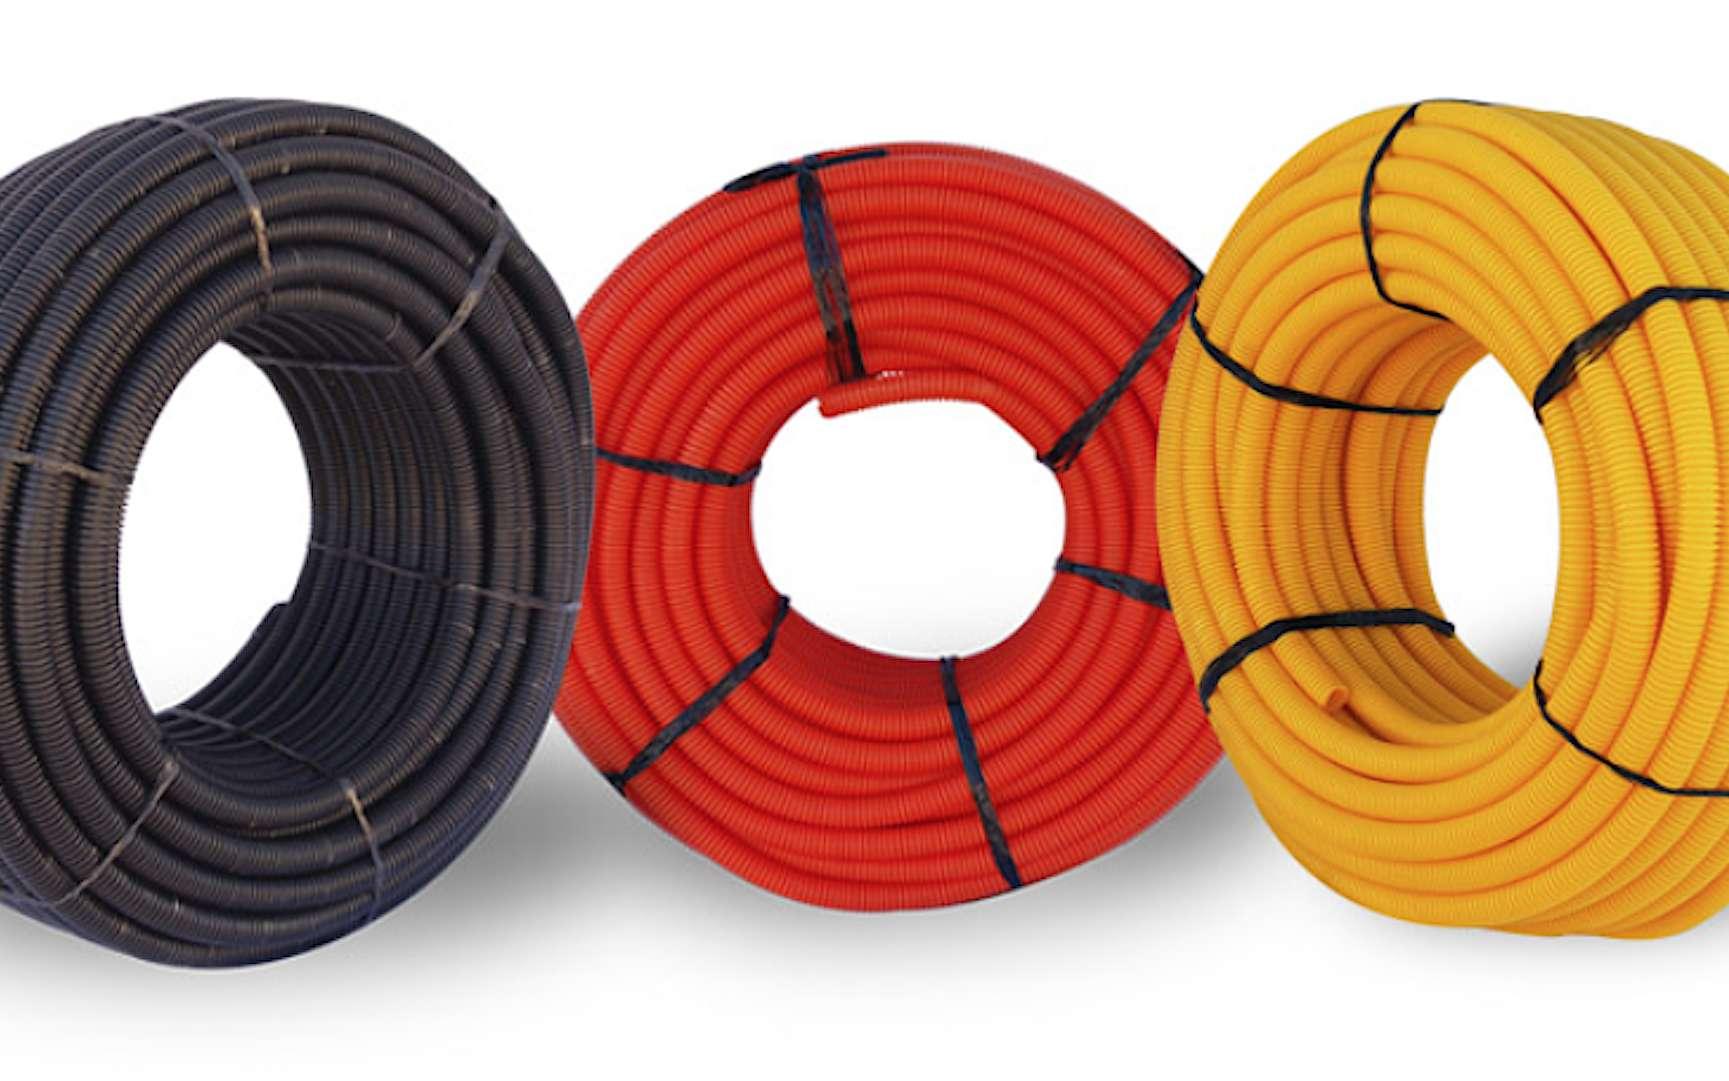 L'usage de la couleur des gaines électriques doit être respecté. © Batelec